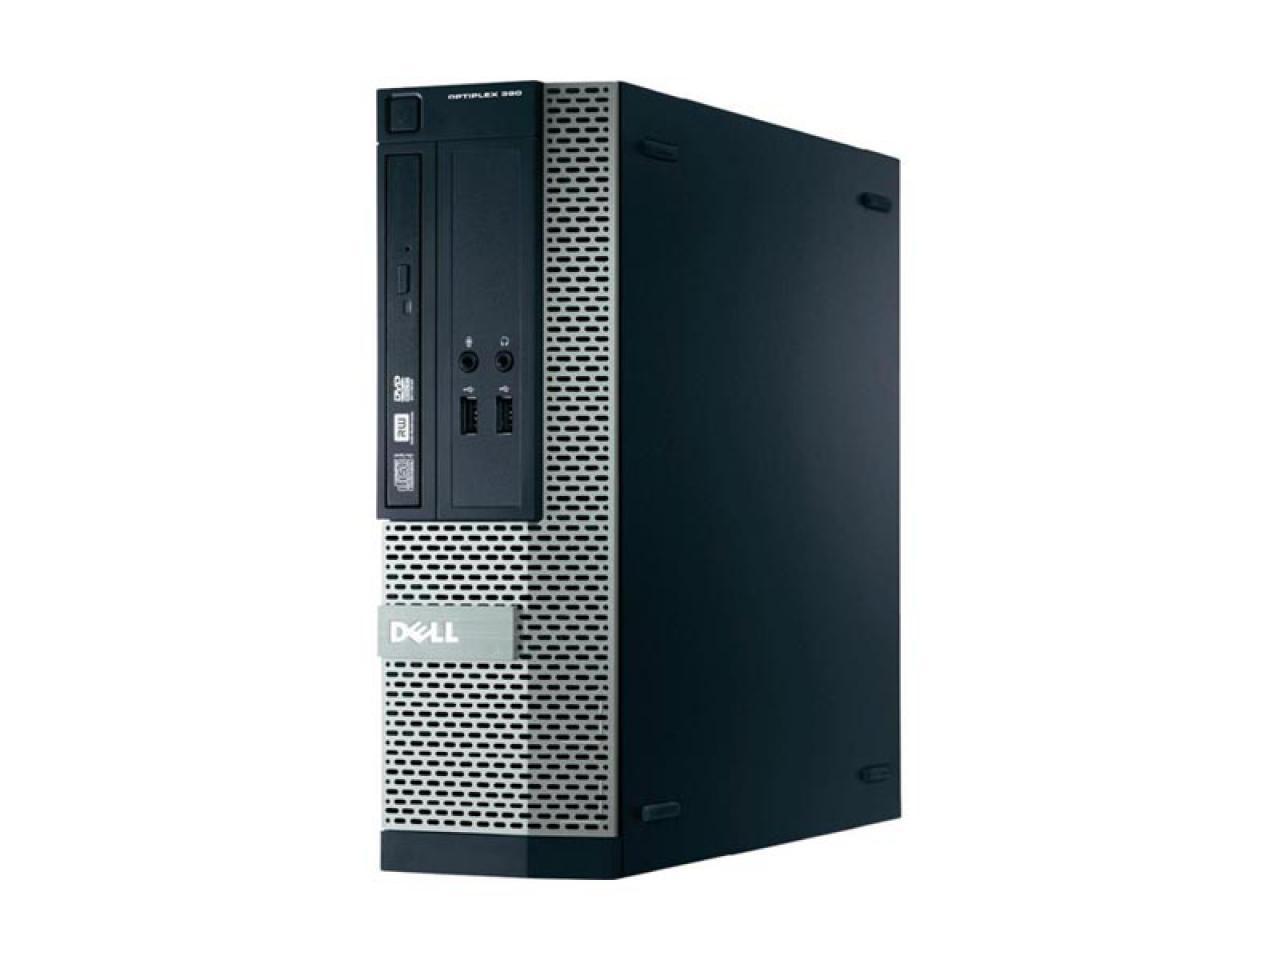 Dell OptiPlex 390 SFF  - shop.bb-net.de